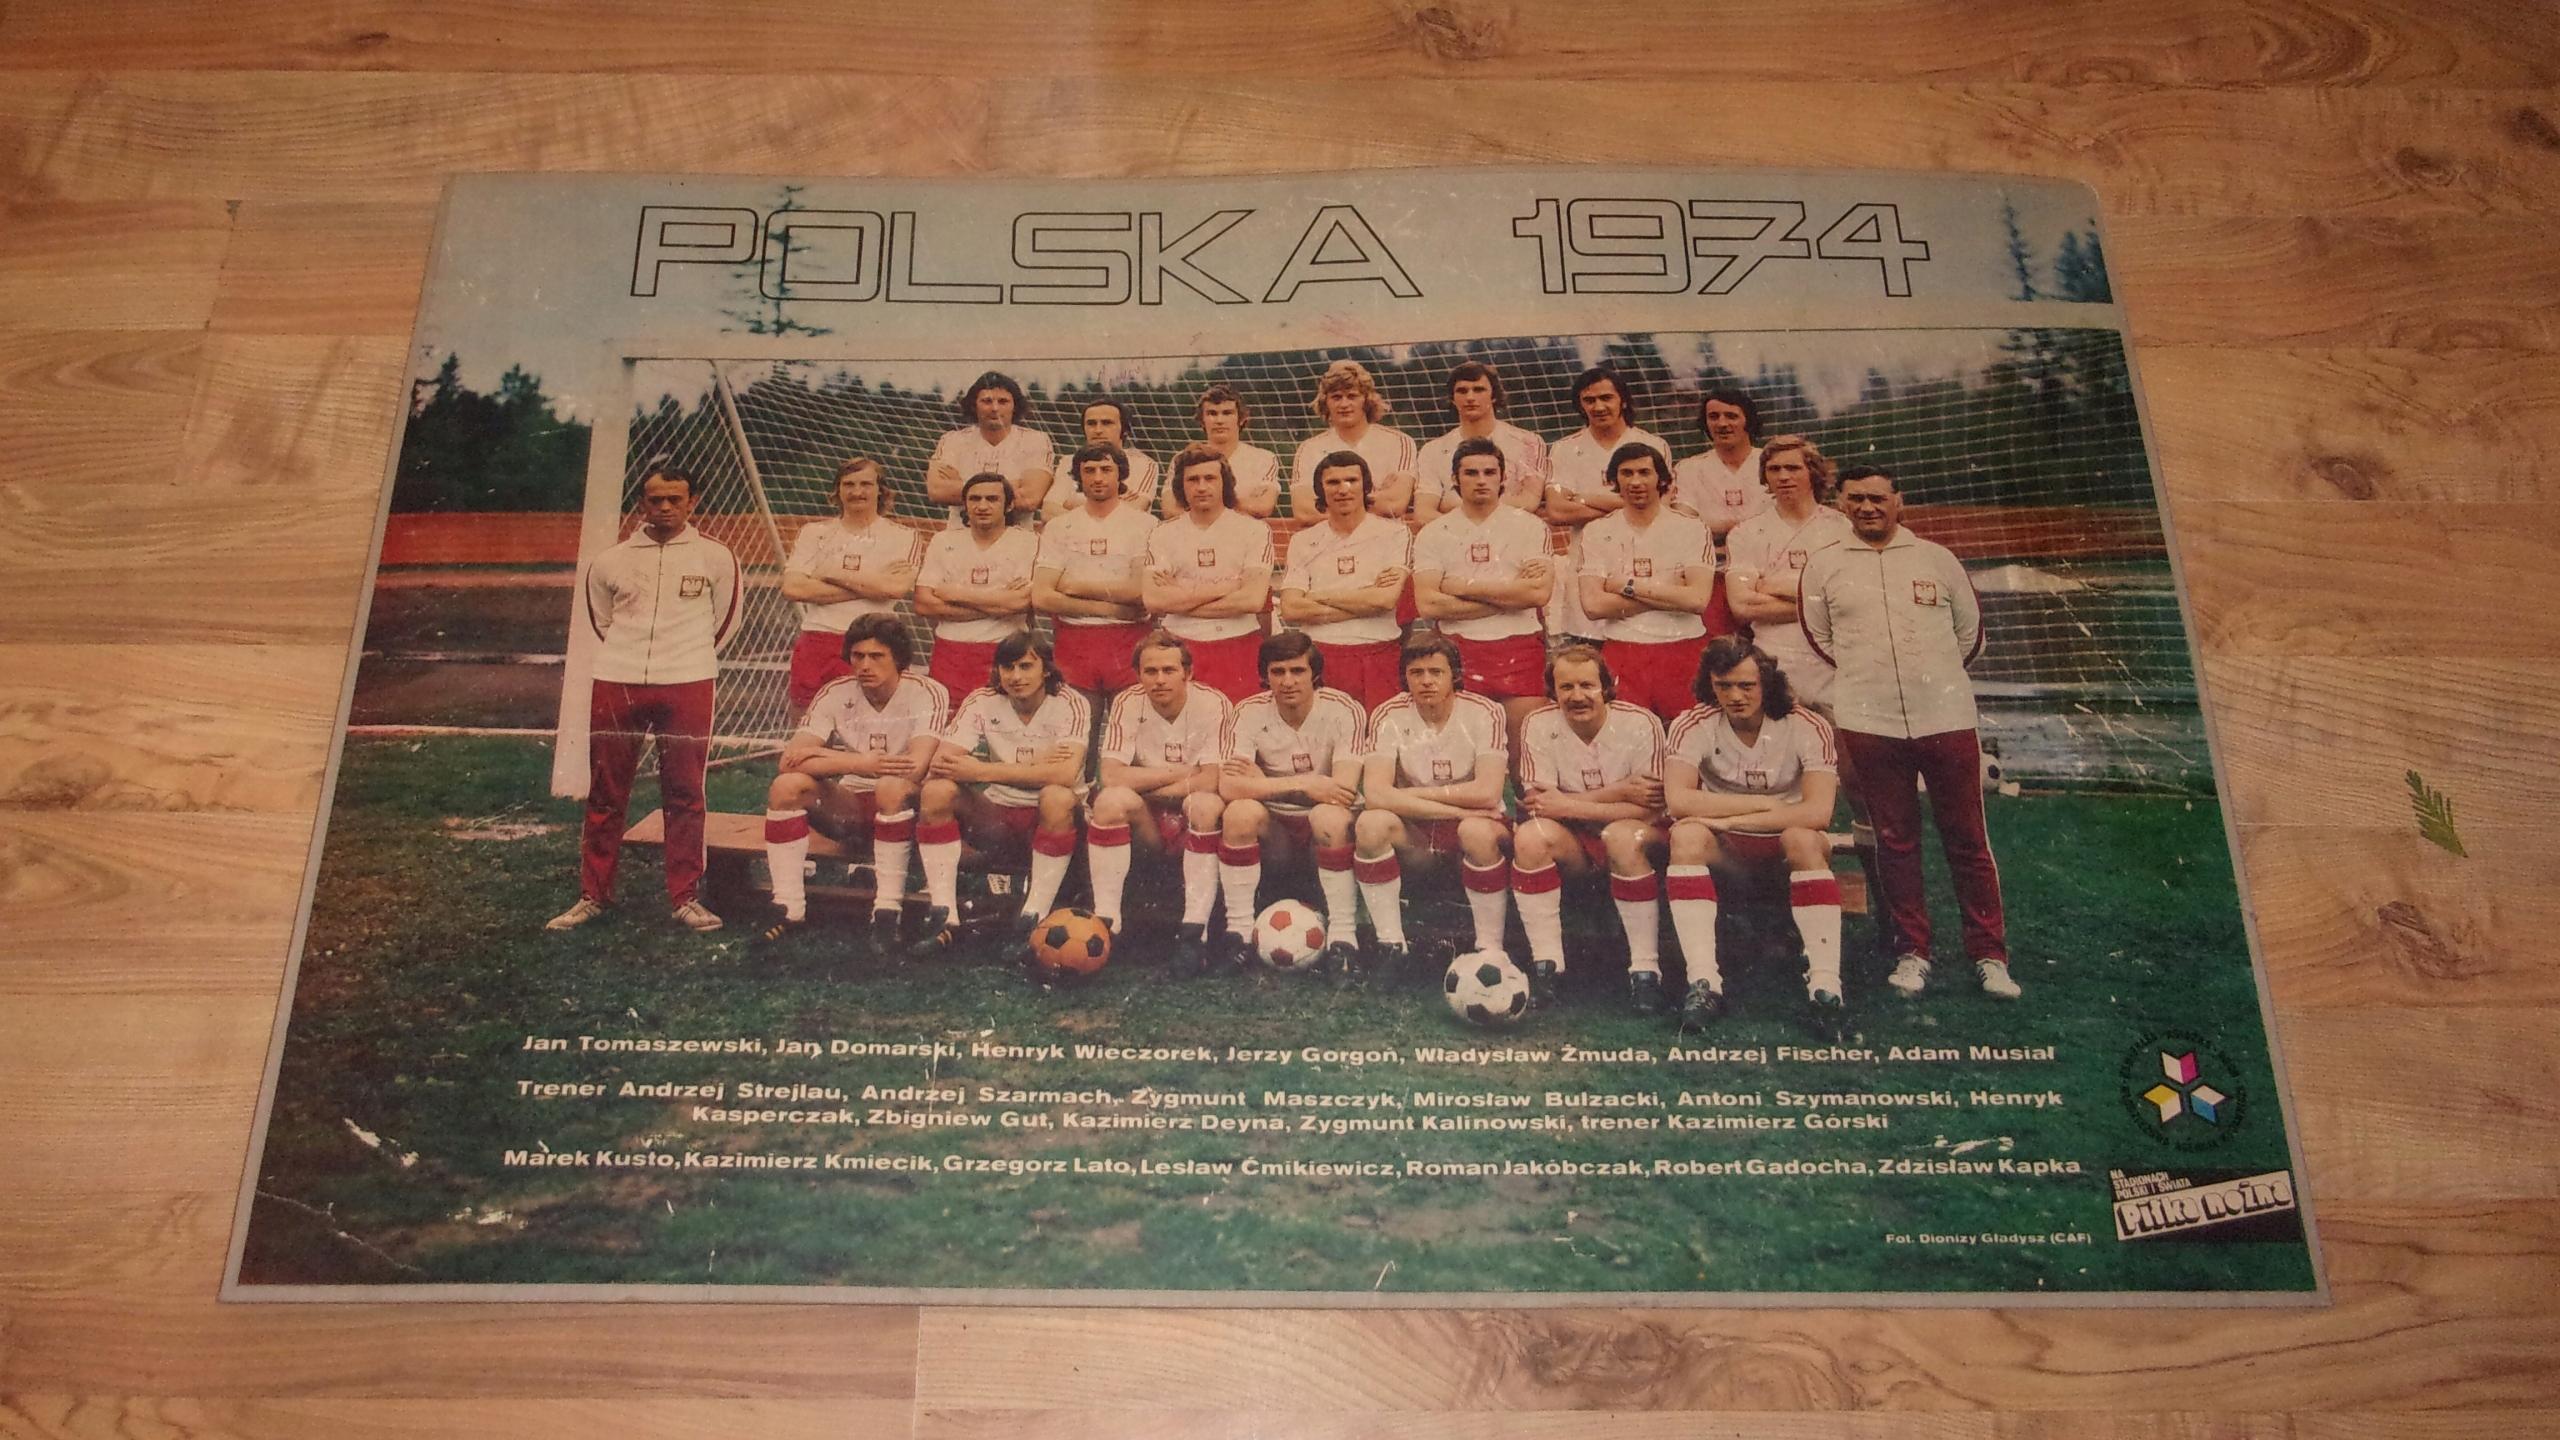 Plakat Polska 1974 Autografy Piłkarzy